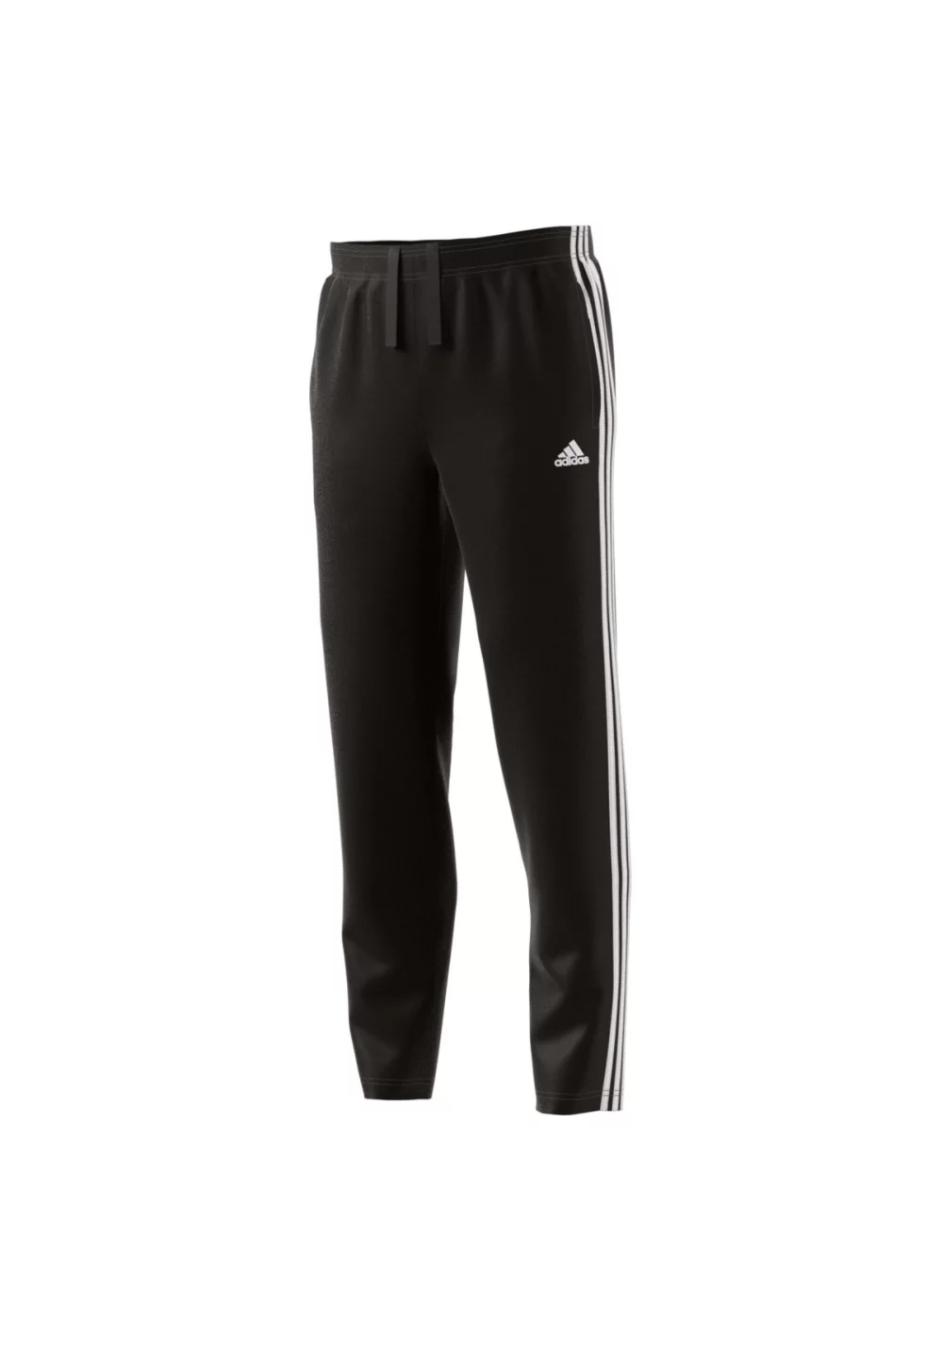 Adidas, $50